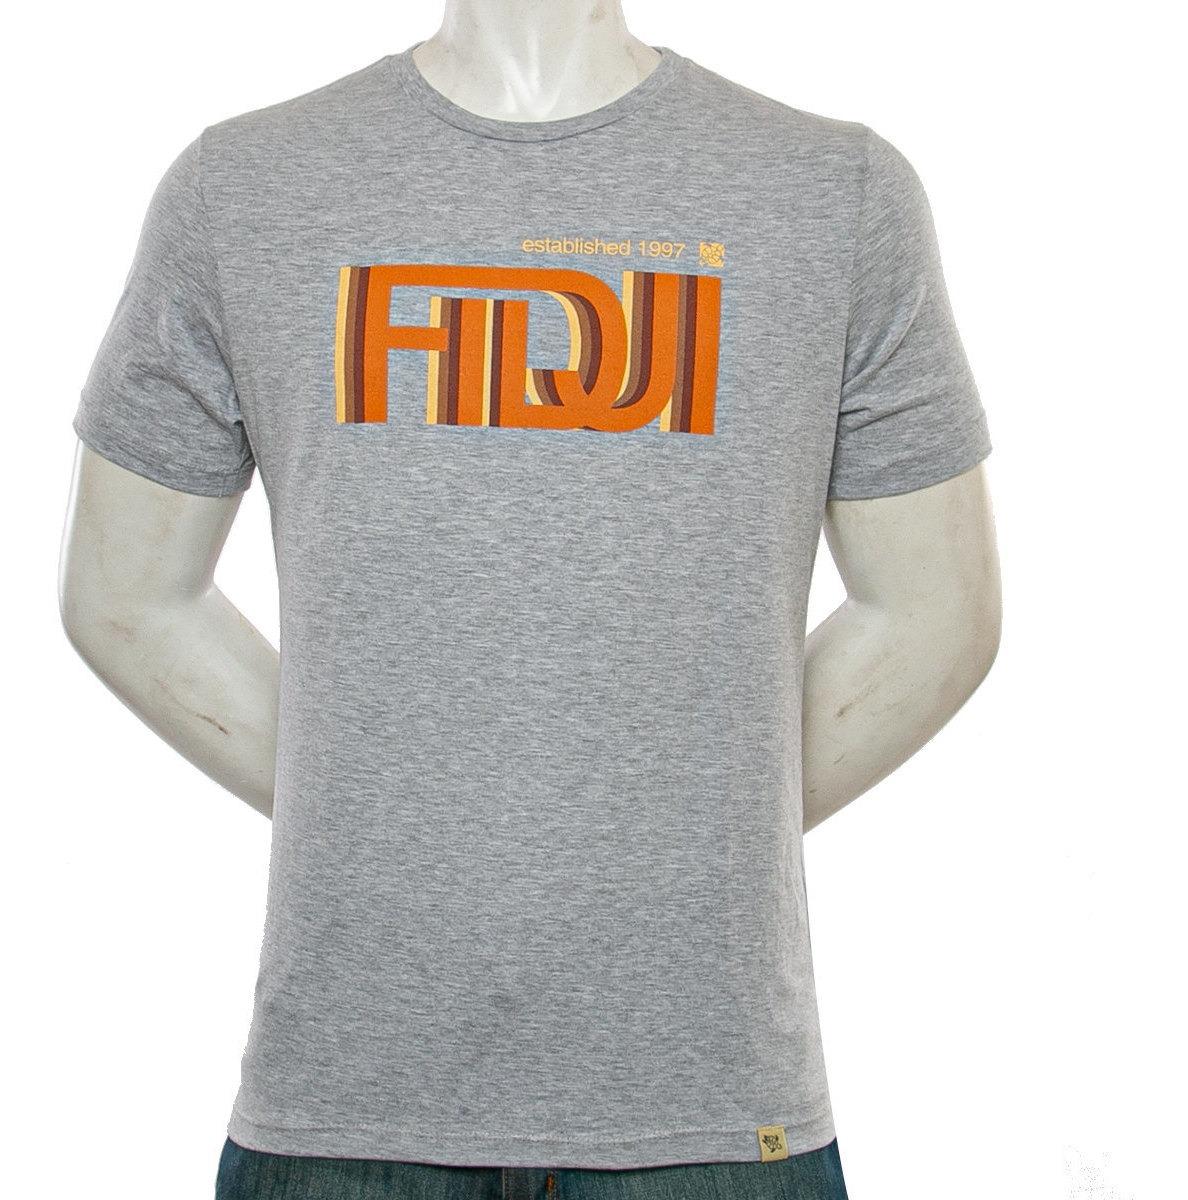 Remera Established Fidji Fidji Tienda Oficial